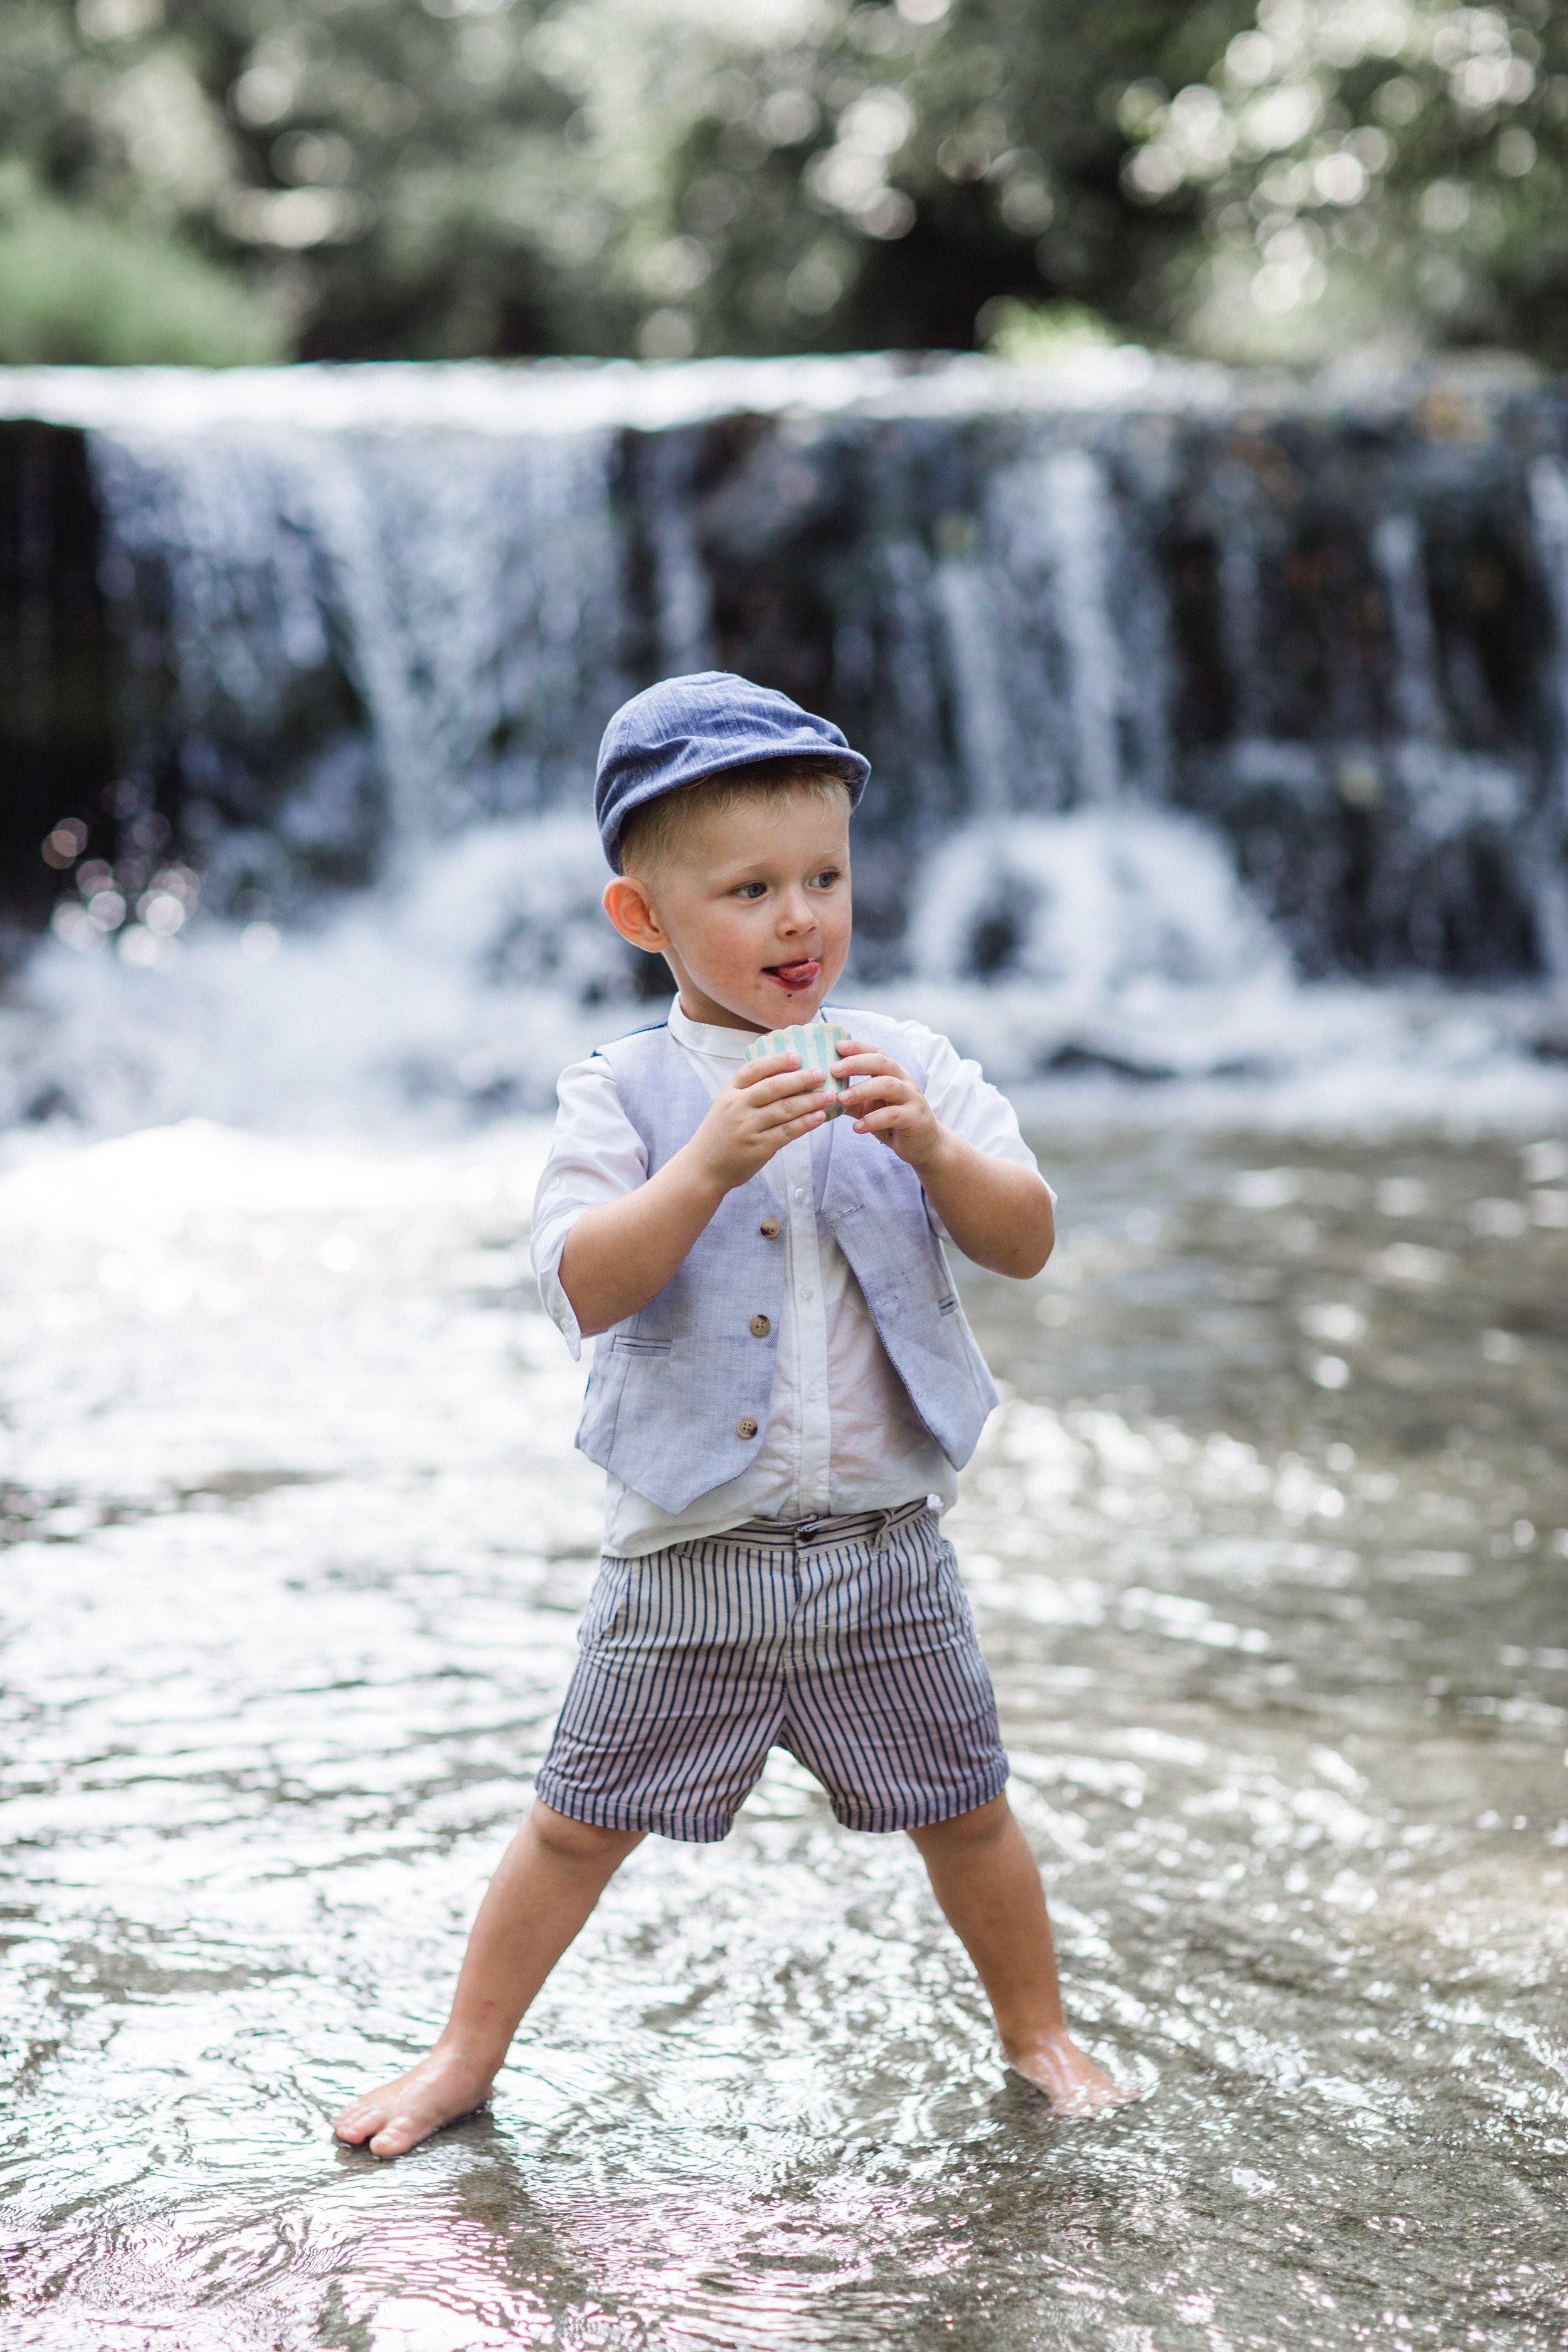 Kindershooting_Wasser-215.JPG